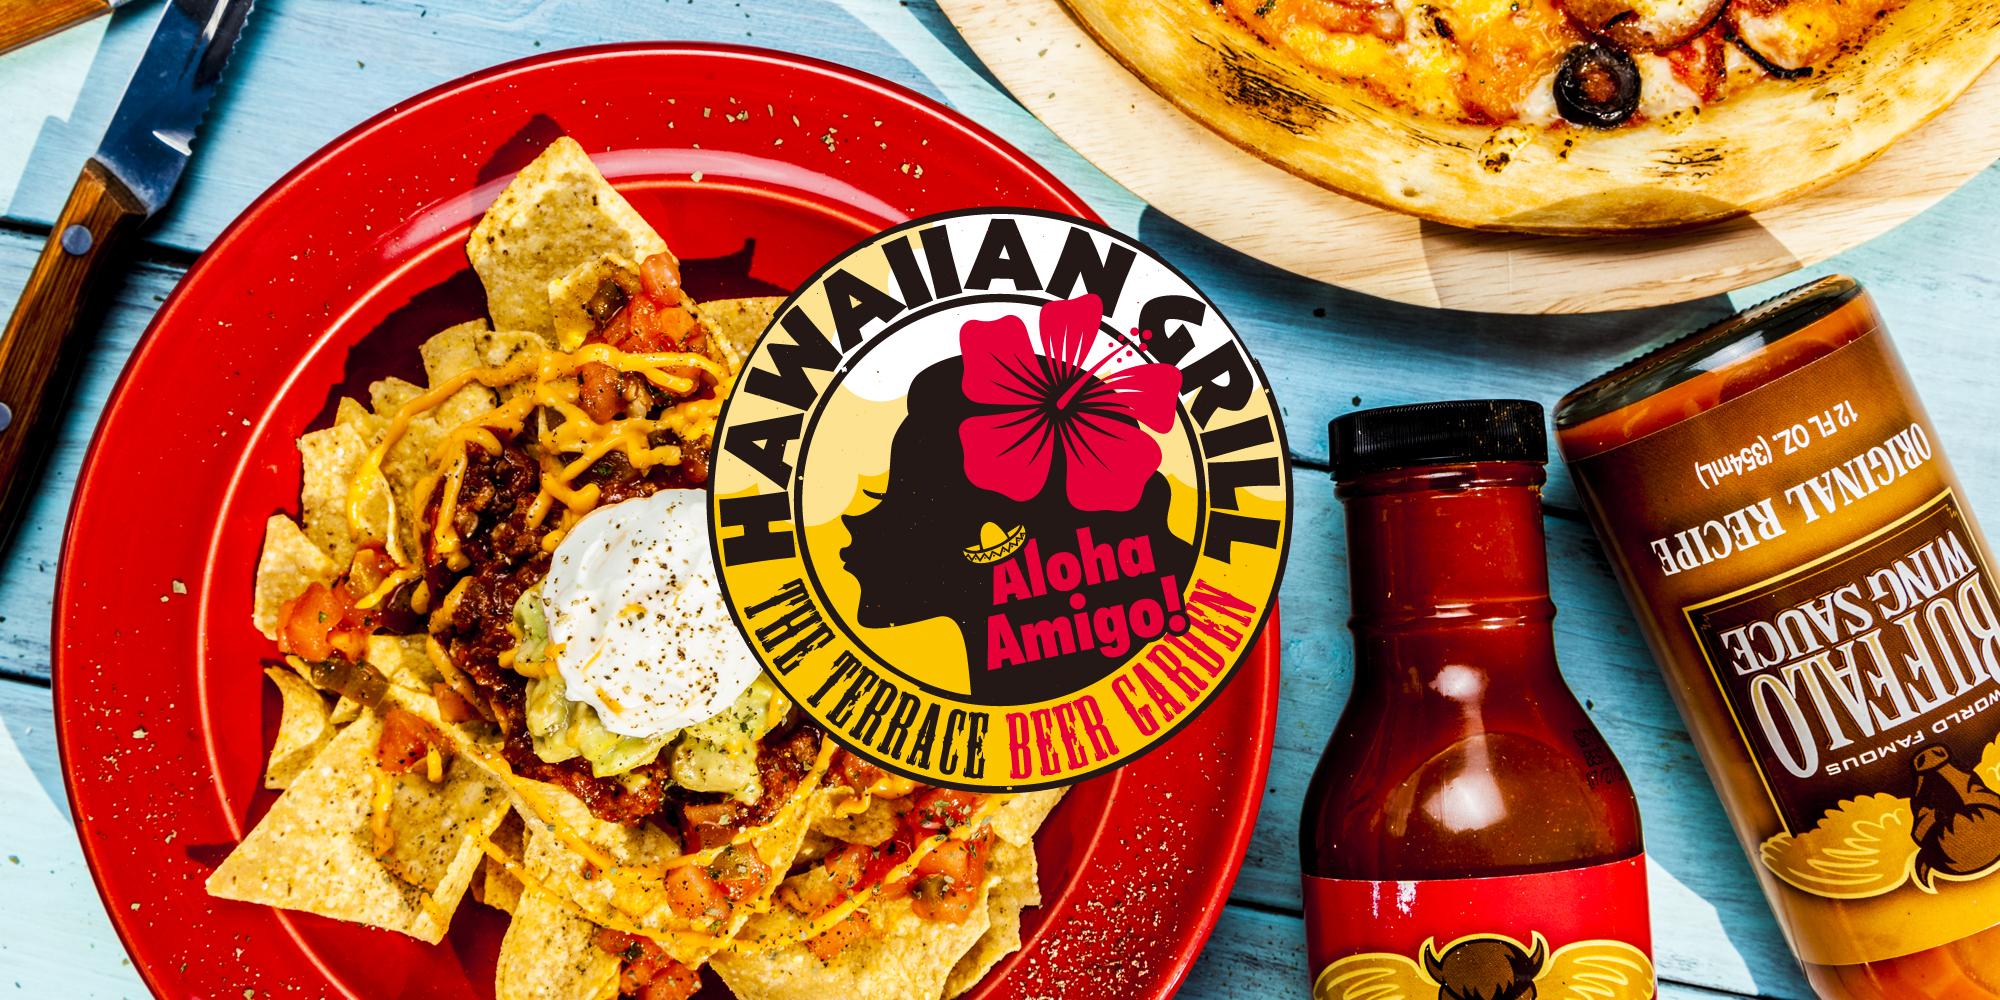 HAWAIIAN GRILL THE TERACE BEER GARDEN